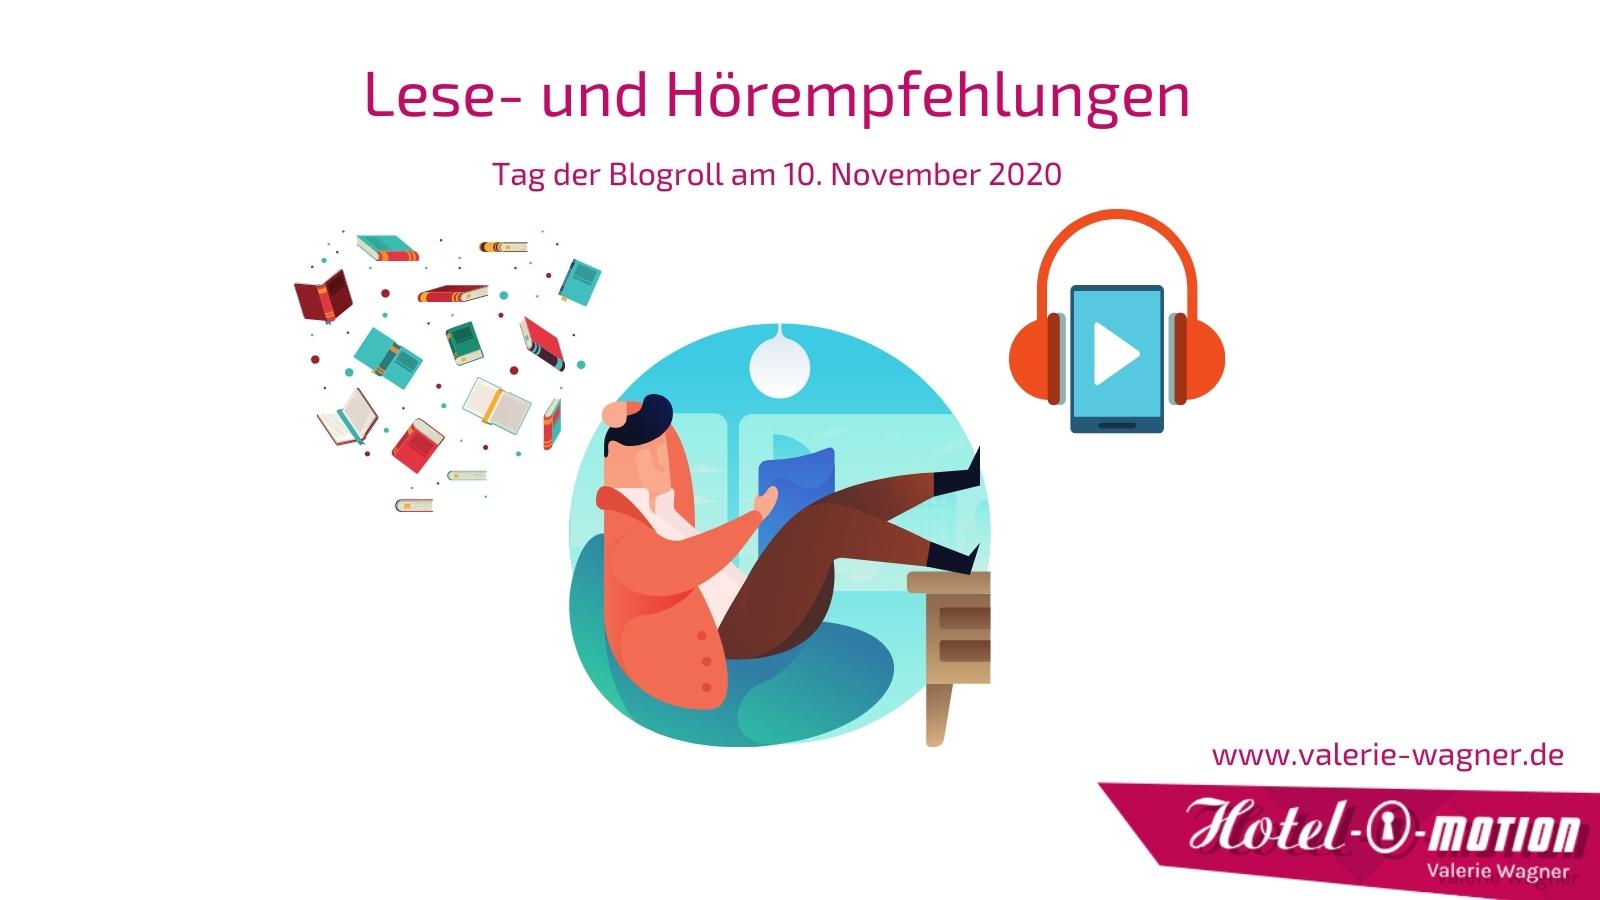 Die Grafik zeigt eine Comicfigur die in einem Sessel liest. Links oben fliegen bunte Bücher und rechts sieht man ein Smartphone mit Headset. Ein Symbolbild für den Tag der Blogroll am 10. November und meine Empfehlungen für Blogs und Podcasts.